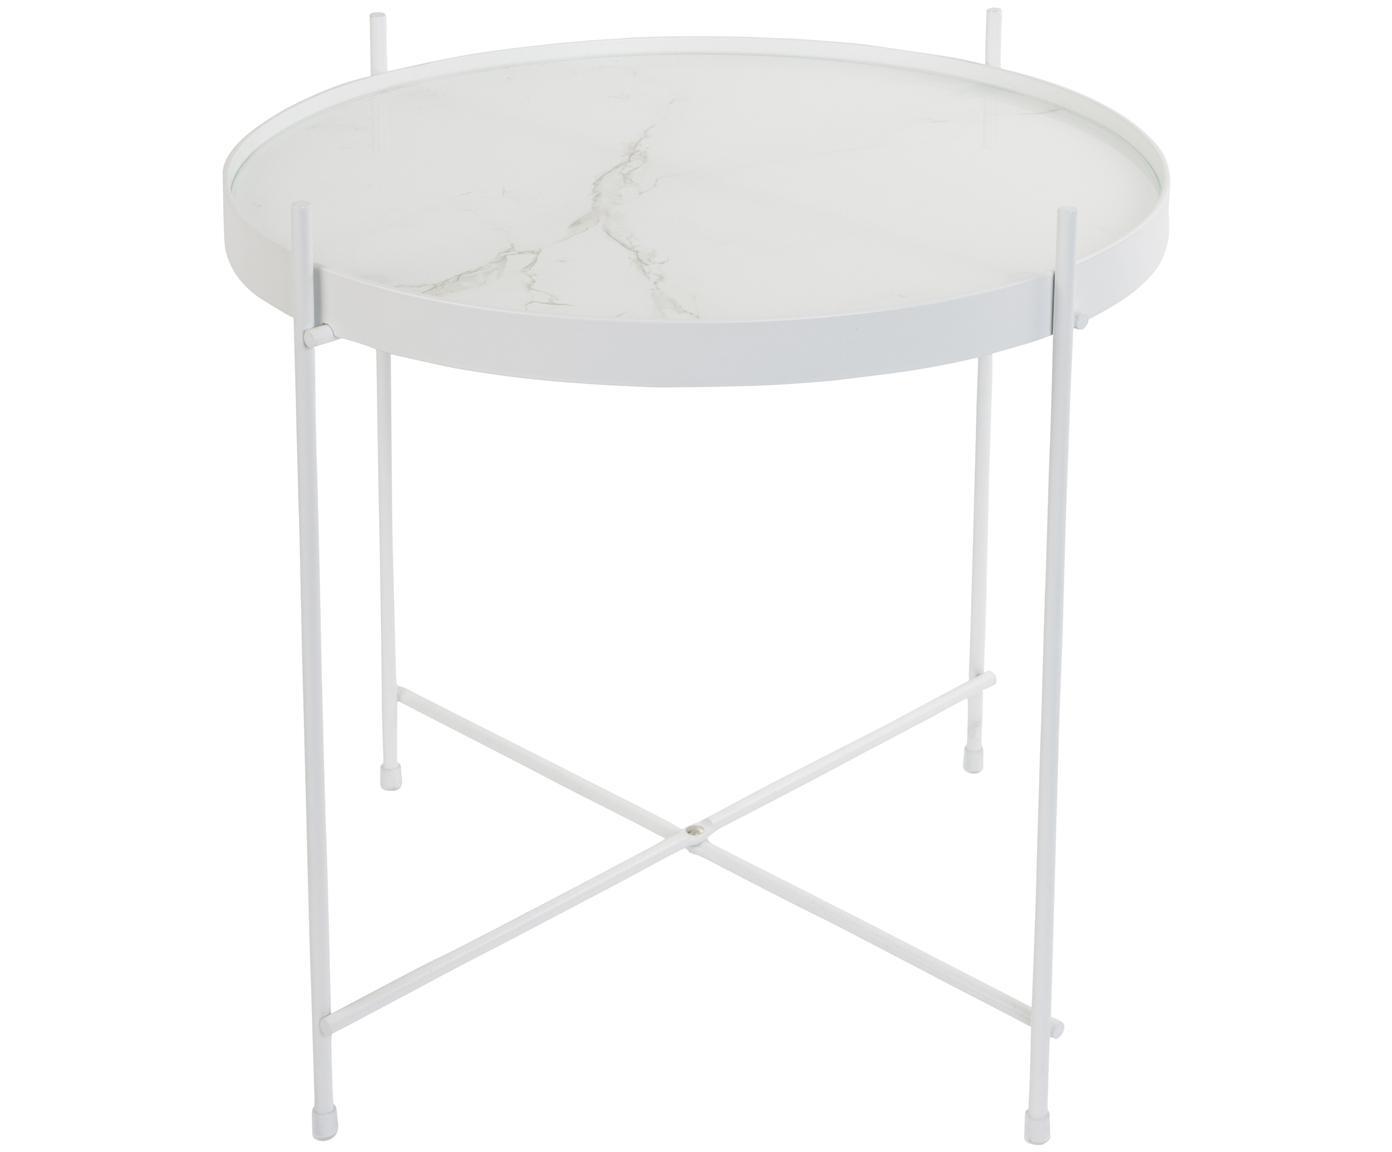 Mesa auxiliar con bandeja de cristal extraíble Cupid, Estructura: hierro, pintura en polvo, Tablero: vidrio laminado con efect, Blanco, Ø 43 x Al 45 cm